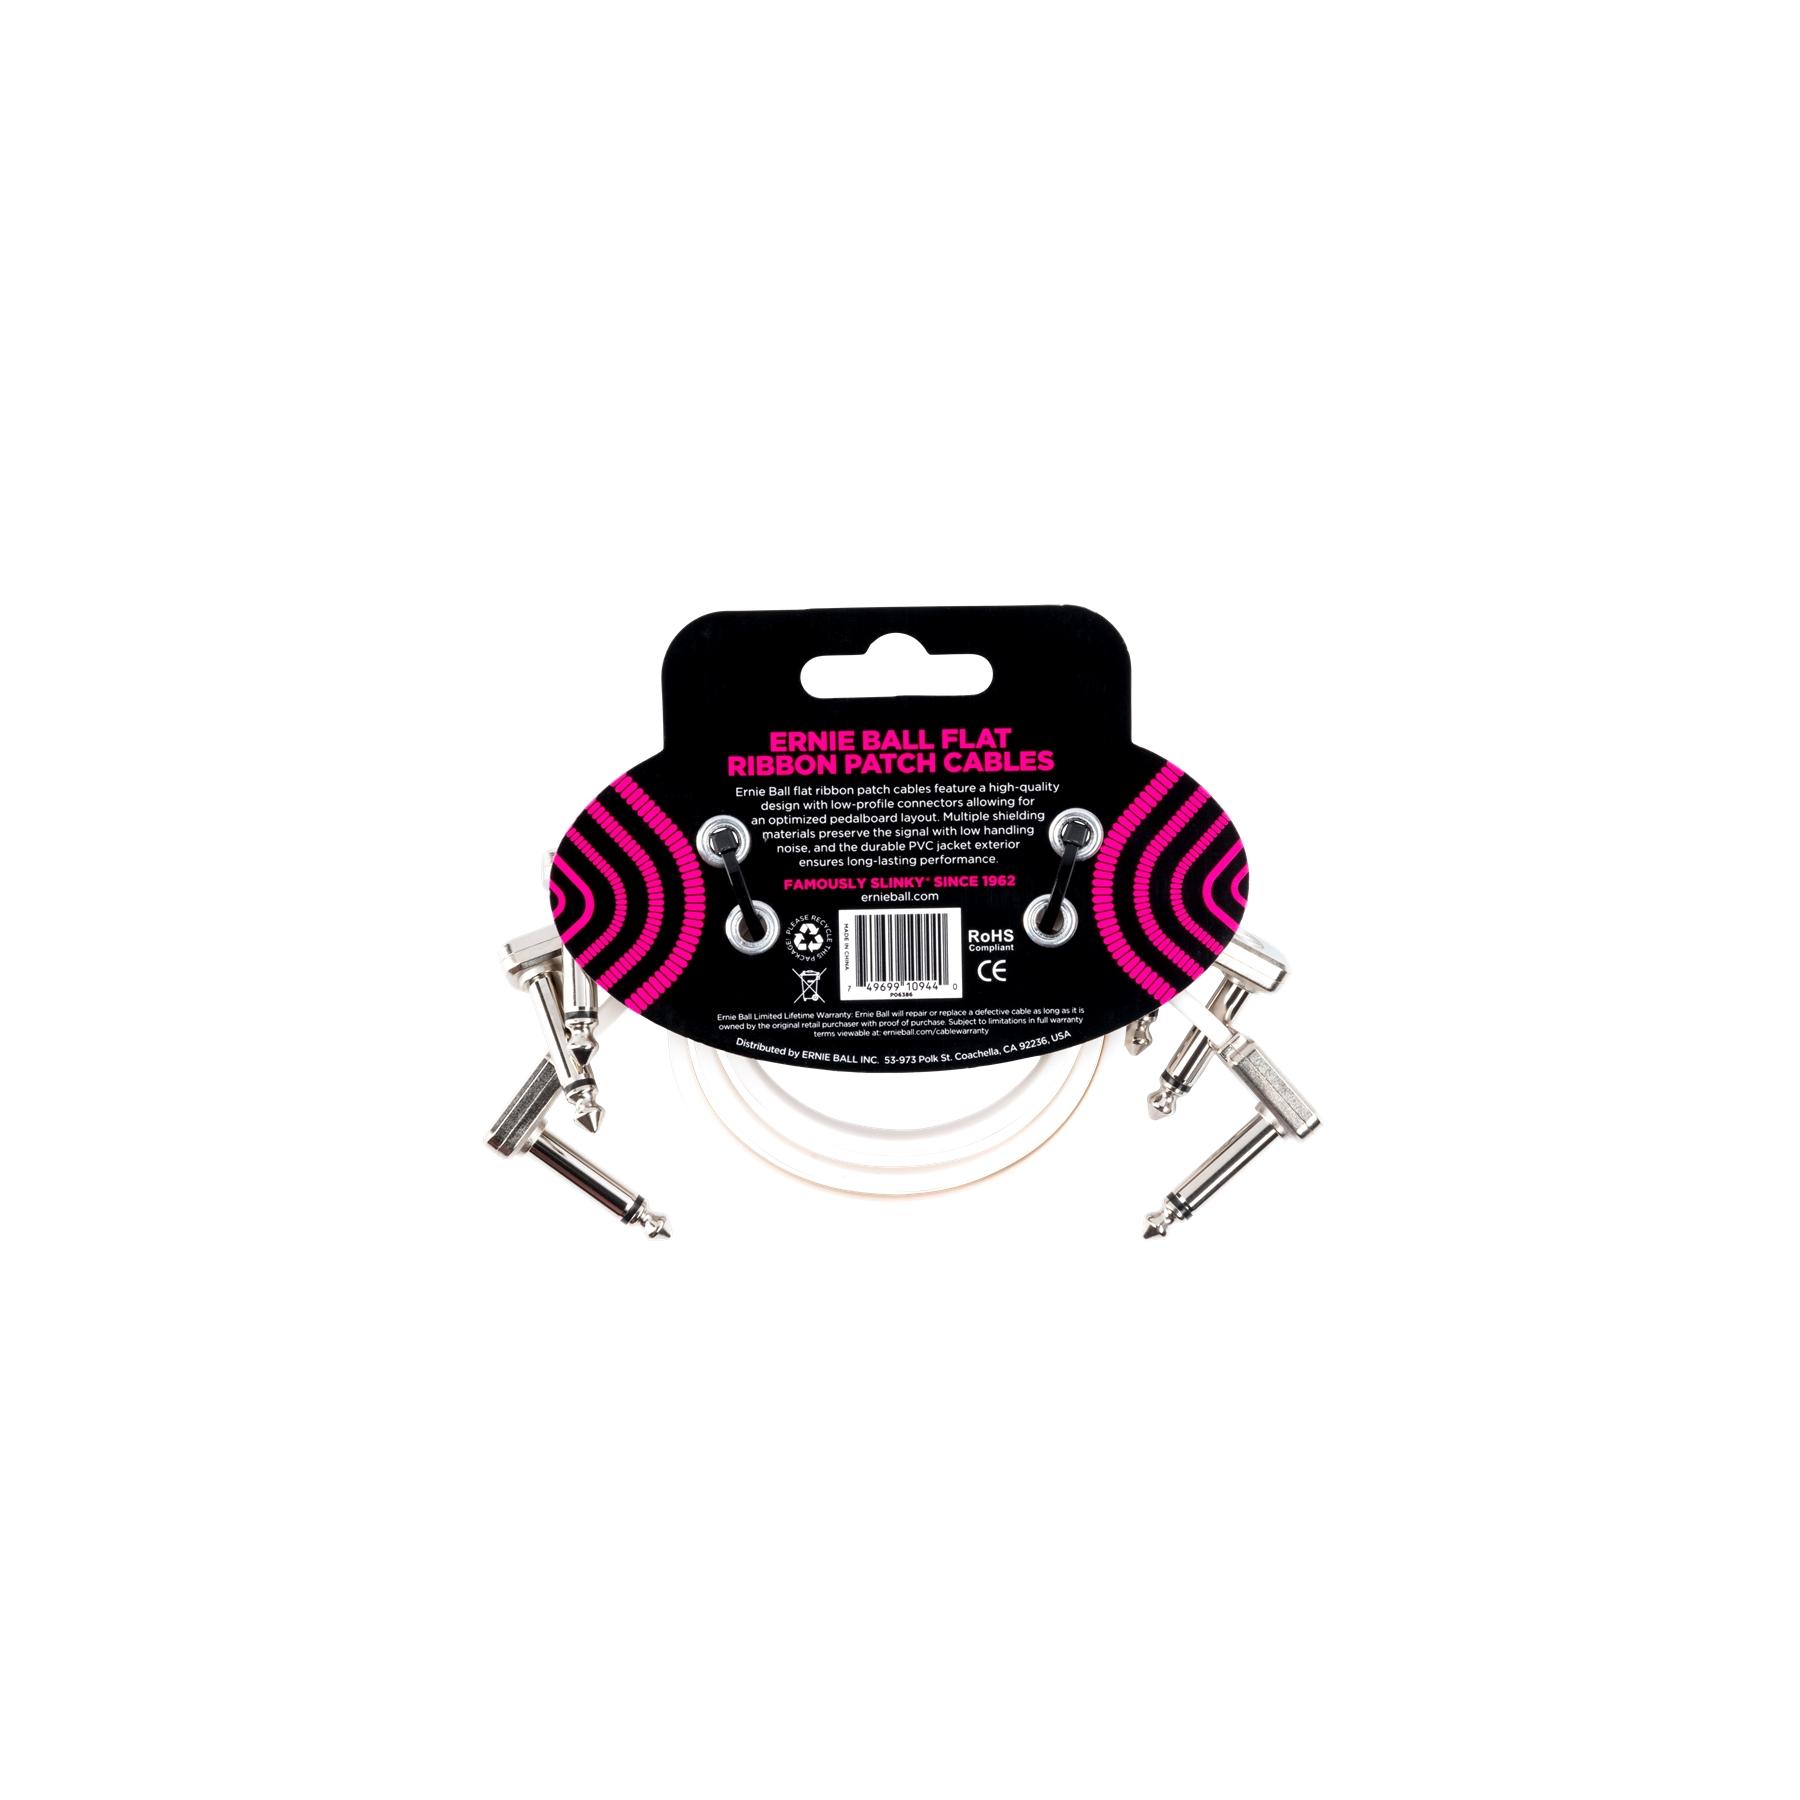 ERNIE BALL 6386 Flat Ribbon Patch Cable White 30.48cm 3pk